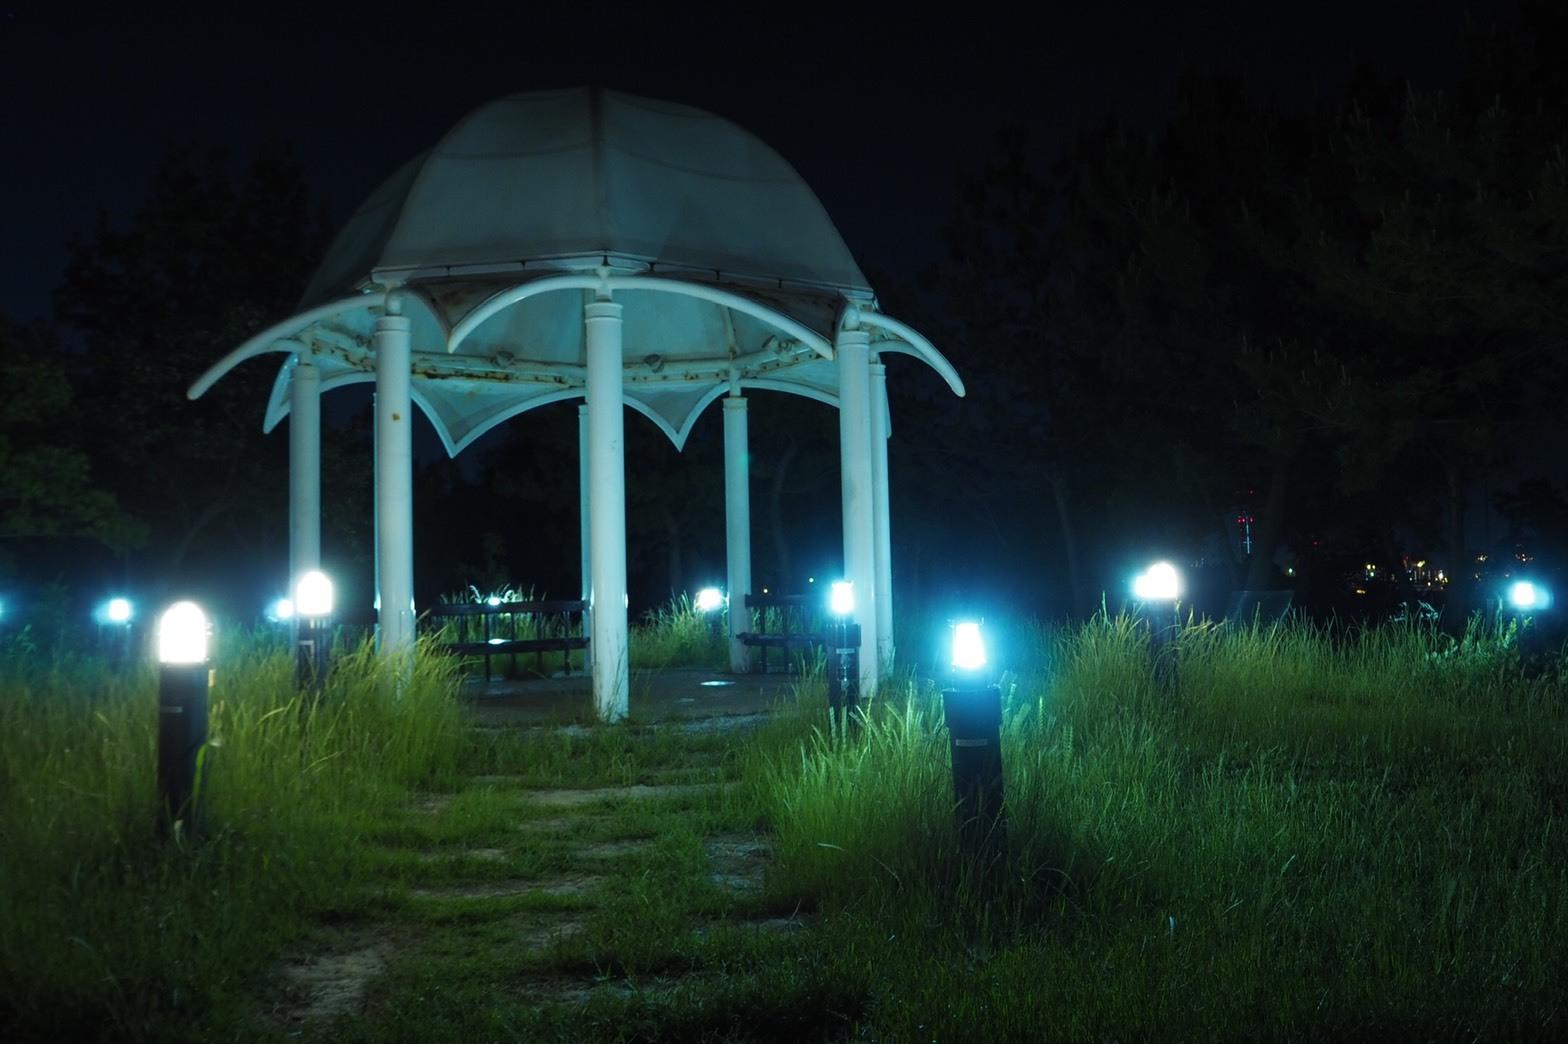 ぴーきち&ダイナ ハーレーブログ 大阪ツーリング ナイトバージョン 舞洲の夜景 新夕陽ヶ丘 展望台